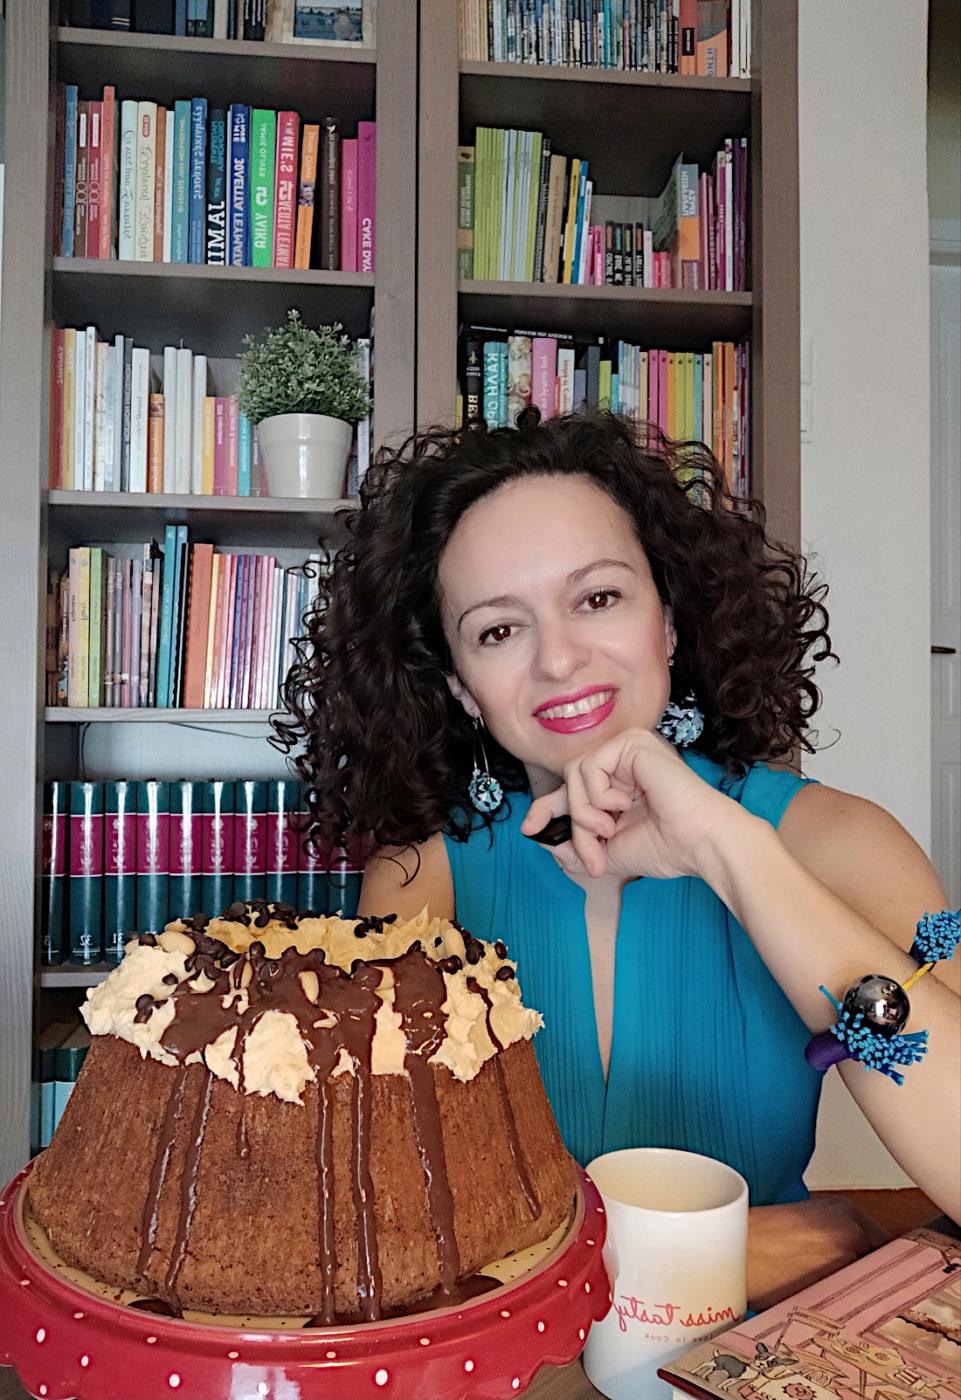 Cake-shokolatas-fistikobouturo-glaso-4